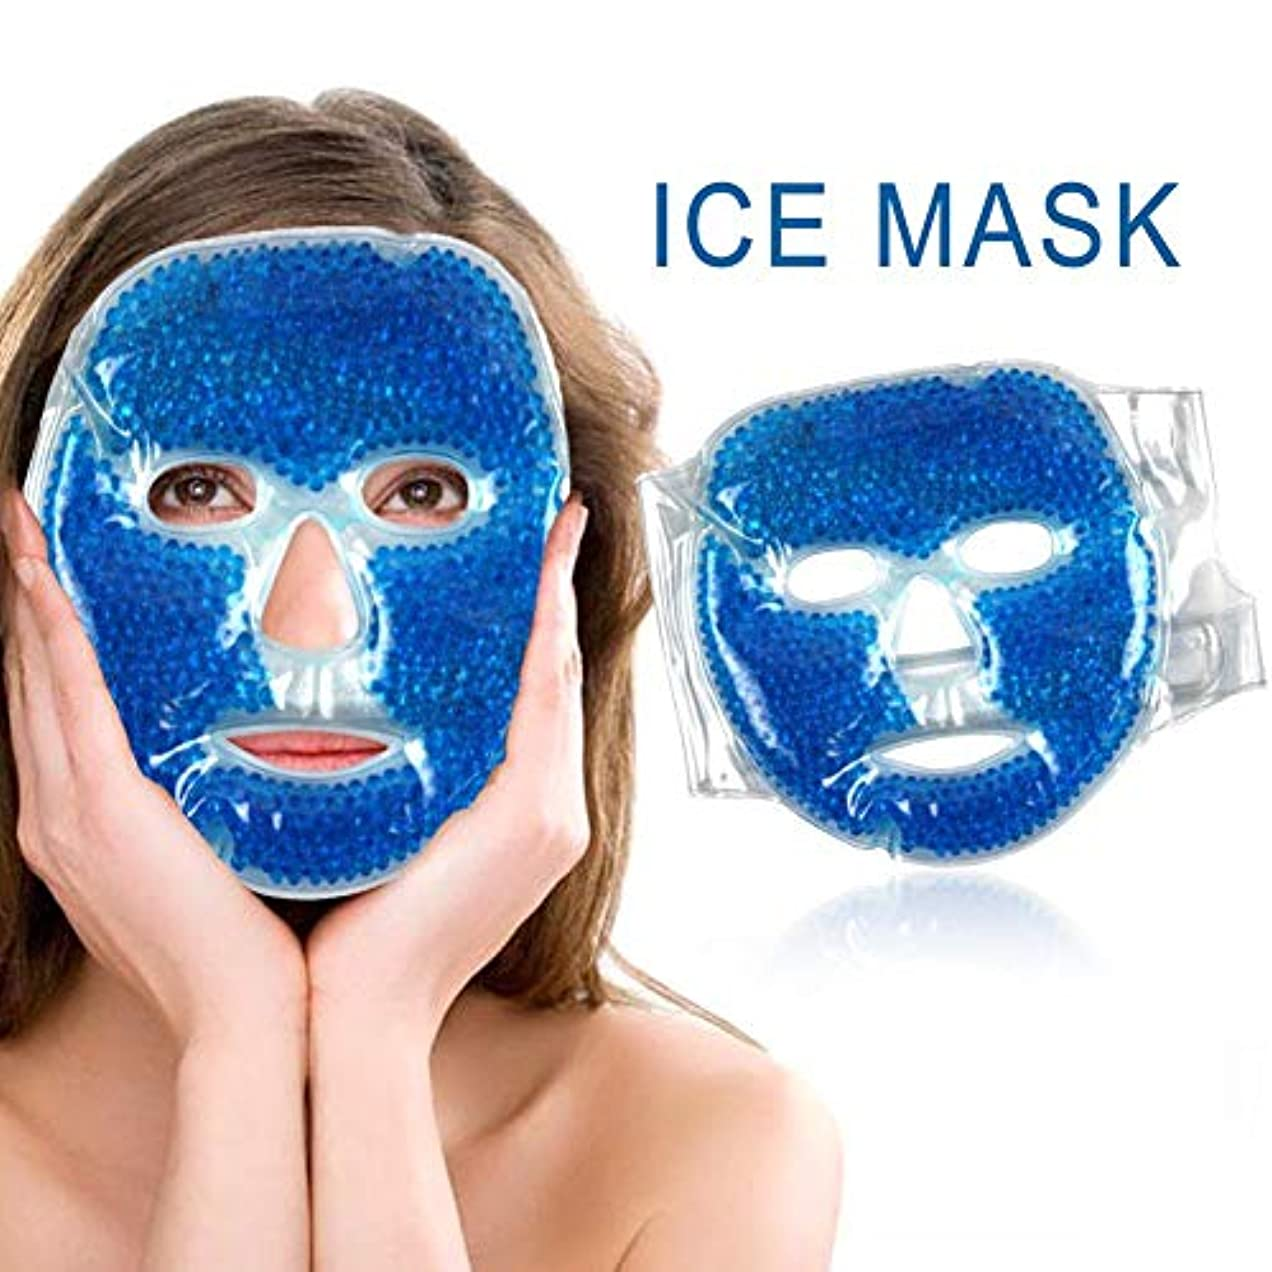 水行列ターゲットSILUN フェイスマスク 冷温兼用 アイスマスク 美容用 再利用可能 毛細血管収縮 疲労緩和 肌ケア 保湿 吸収しやすい 美容マッサージ